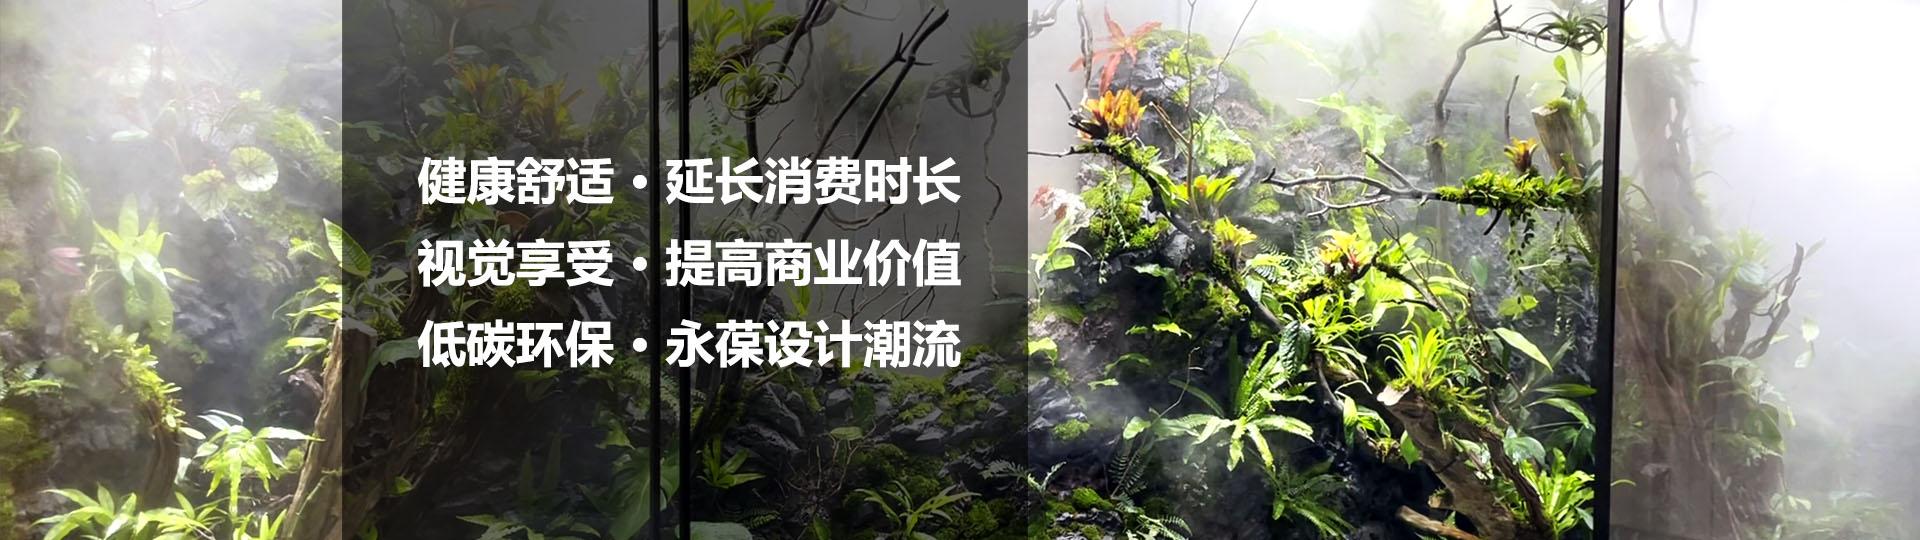 自然景观加持,助力营销,工装设计应用领域